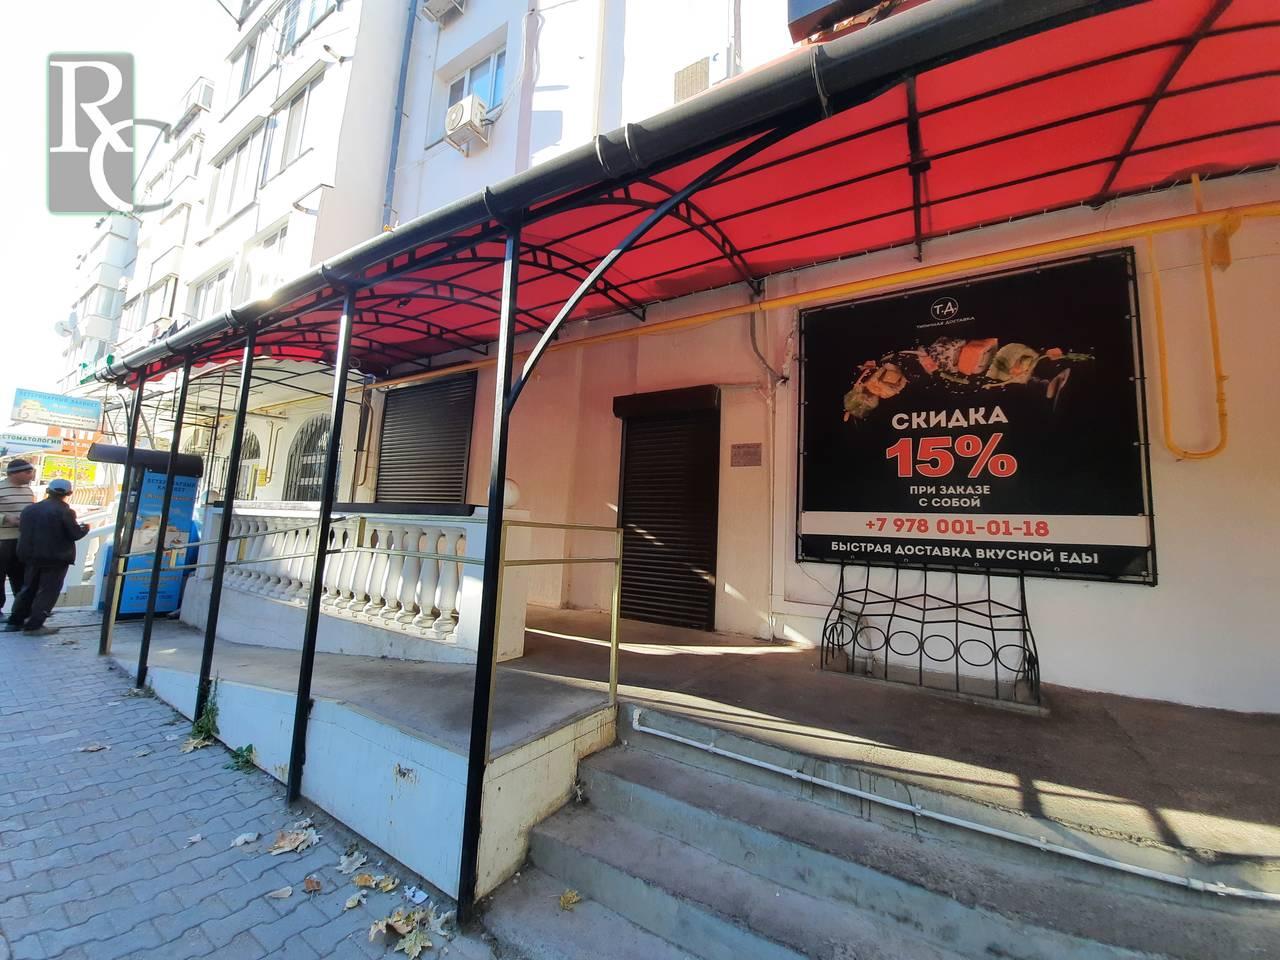 Севастополь, проспект Октябрьской революции 42